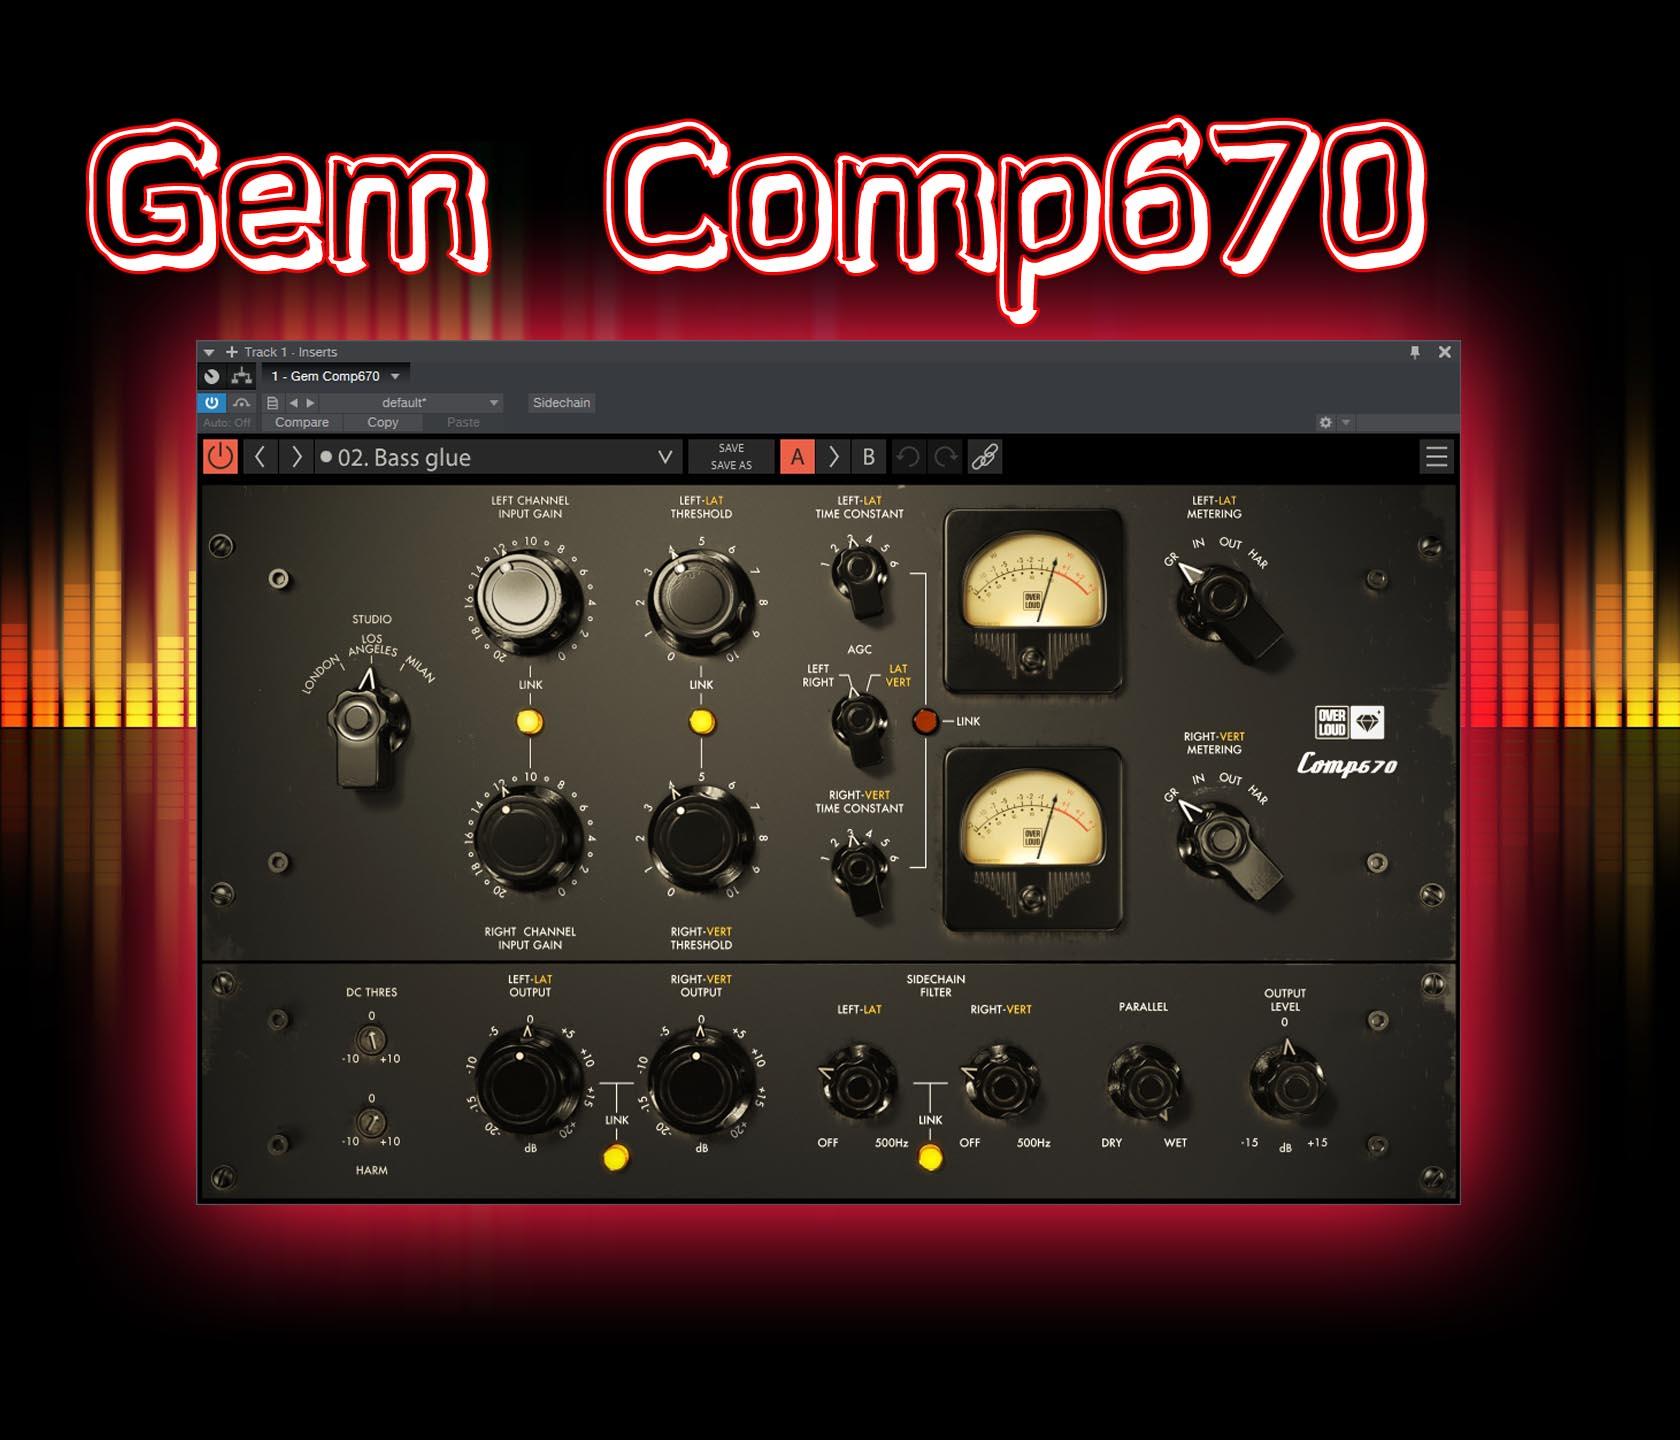 Gem Comp670